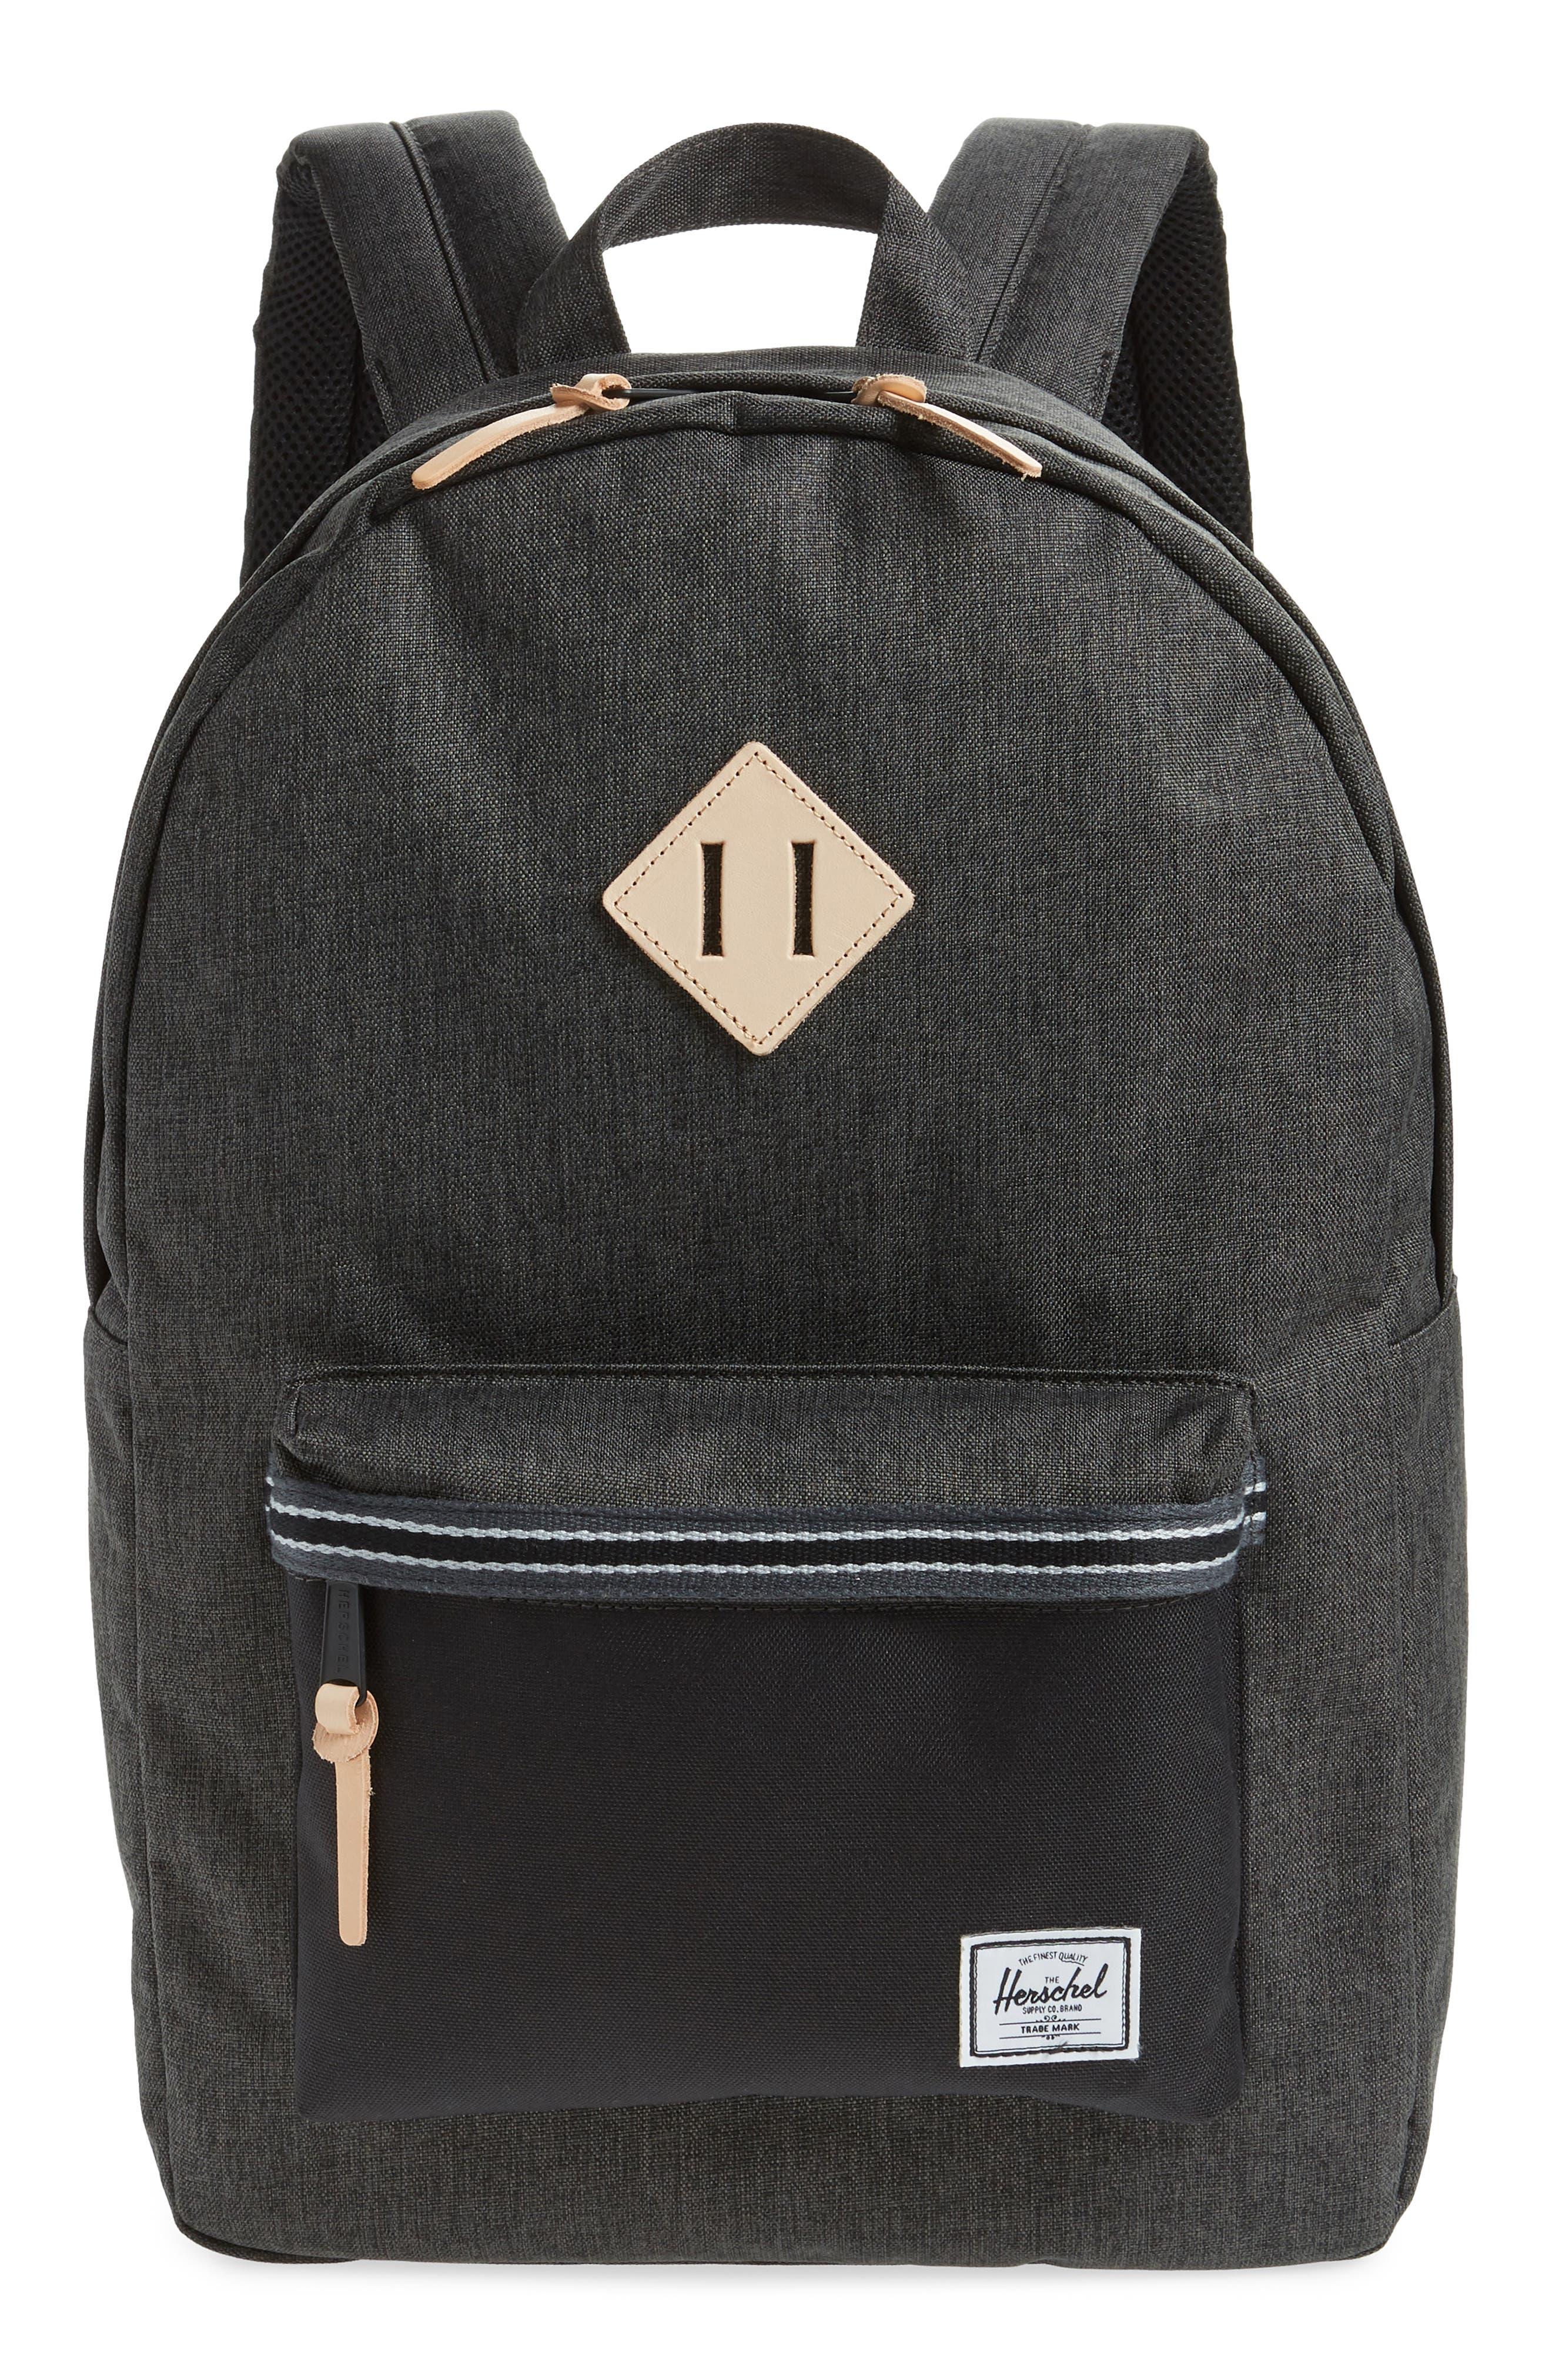 Herschel Supply Co. Heritage Backpack - Black